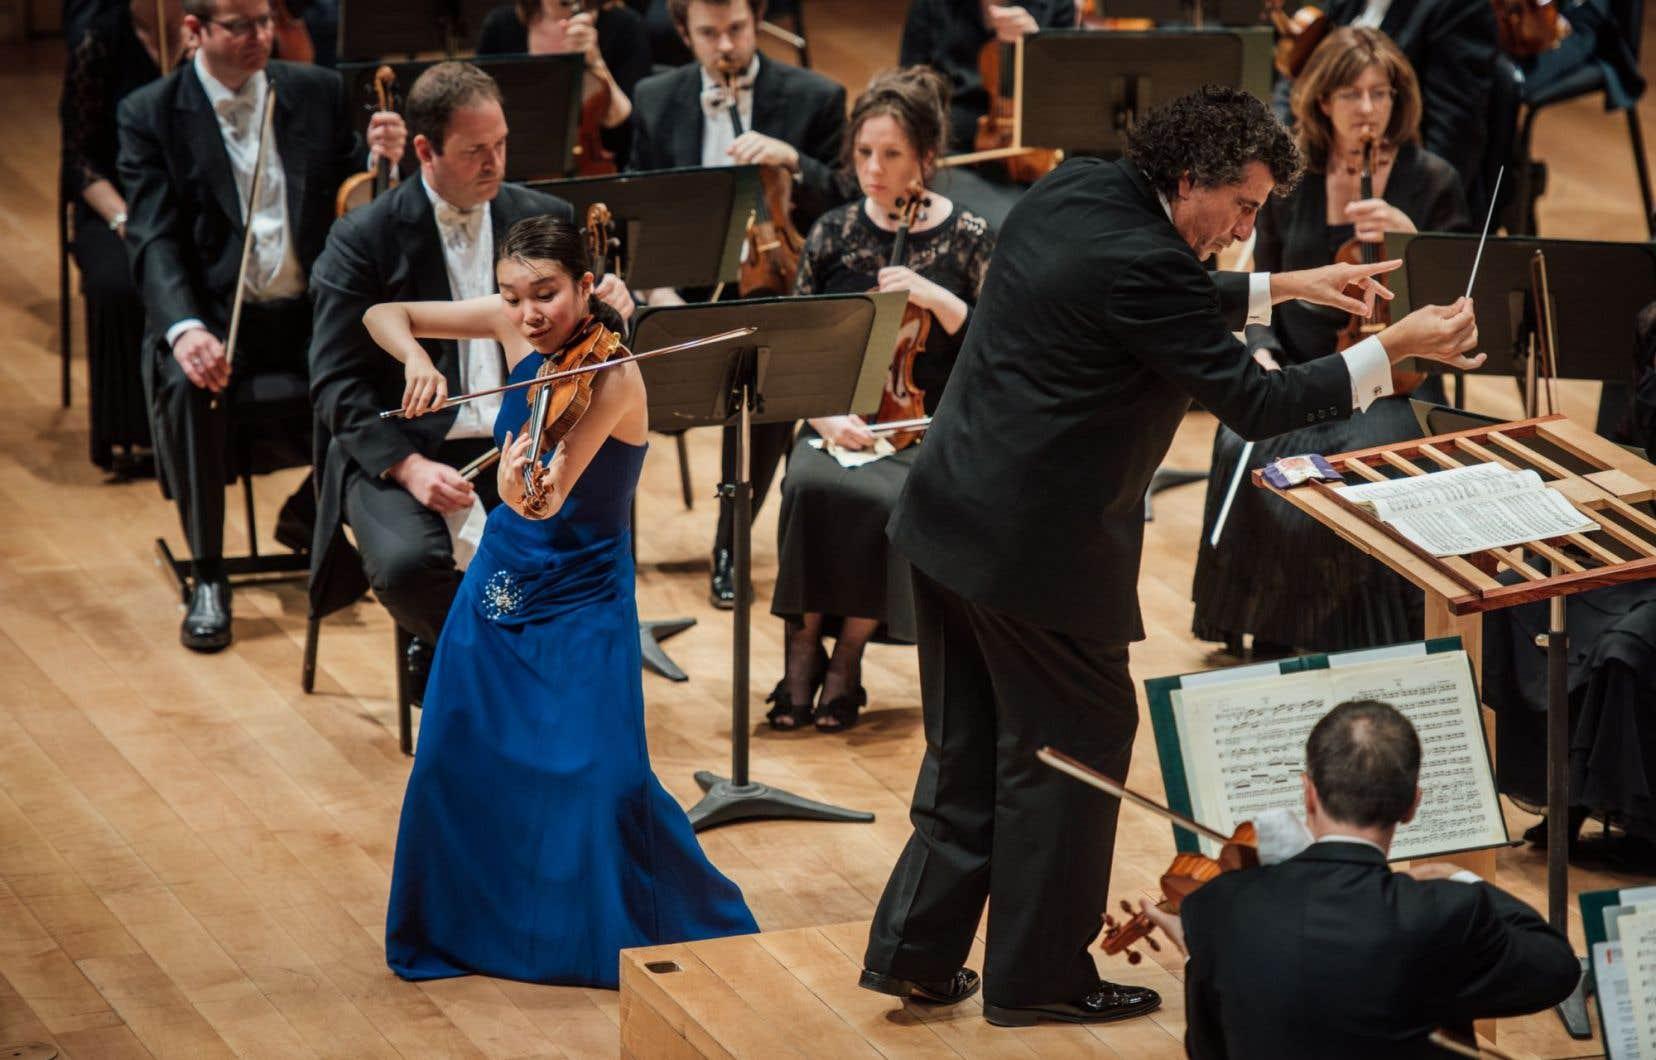 La Japonaise Ayana Tsuji, 18 ans, impressionne: elle se lance dans une sorte de peinture du «Concerto» de Sibelius avec des couleurs saturées.